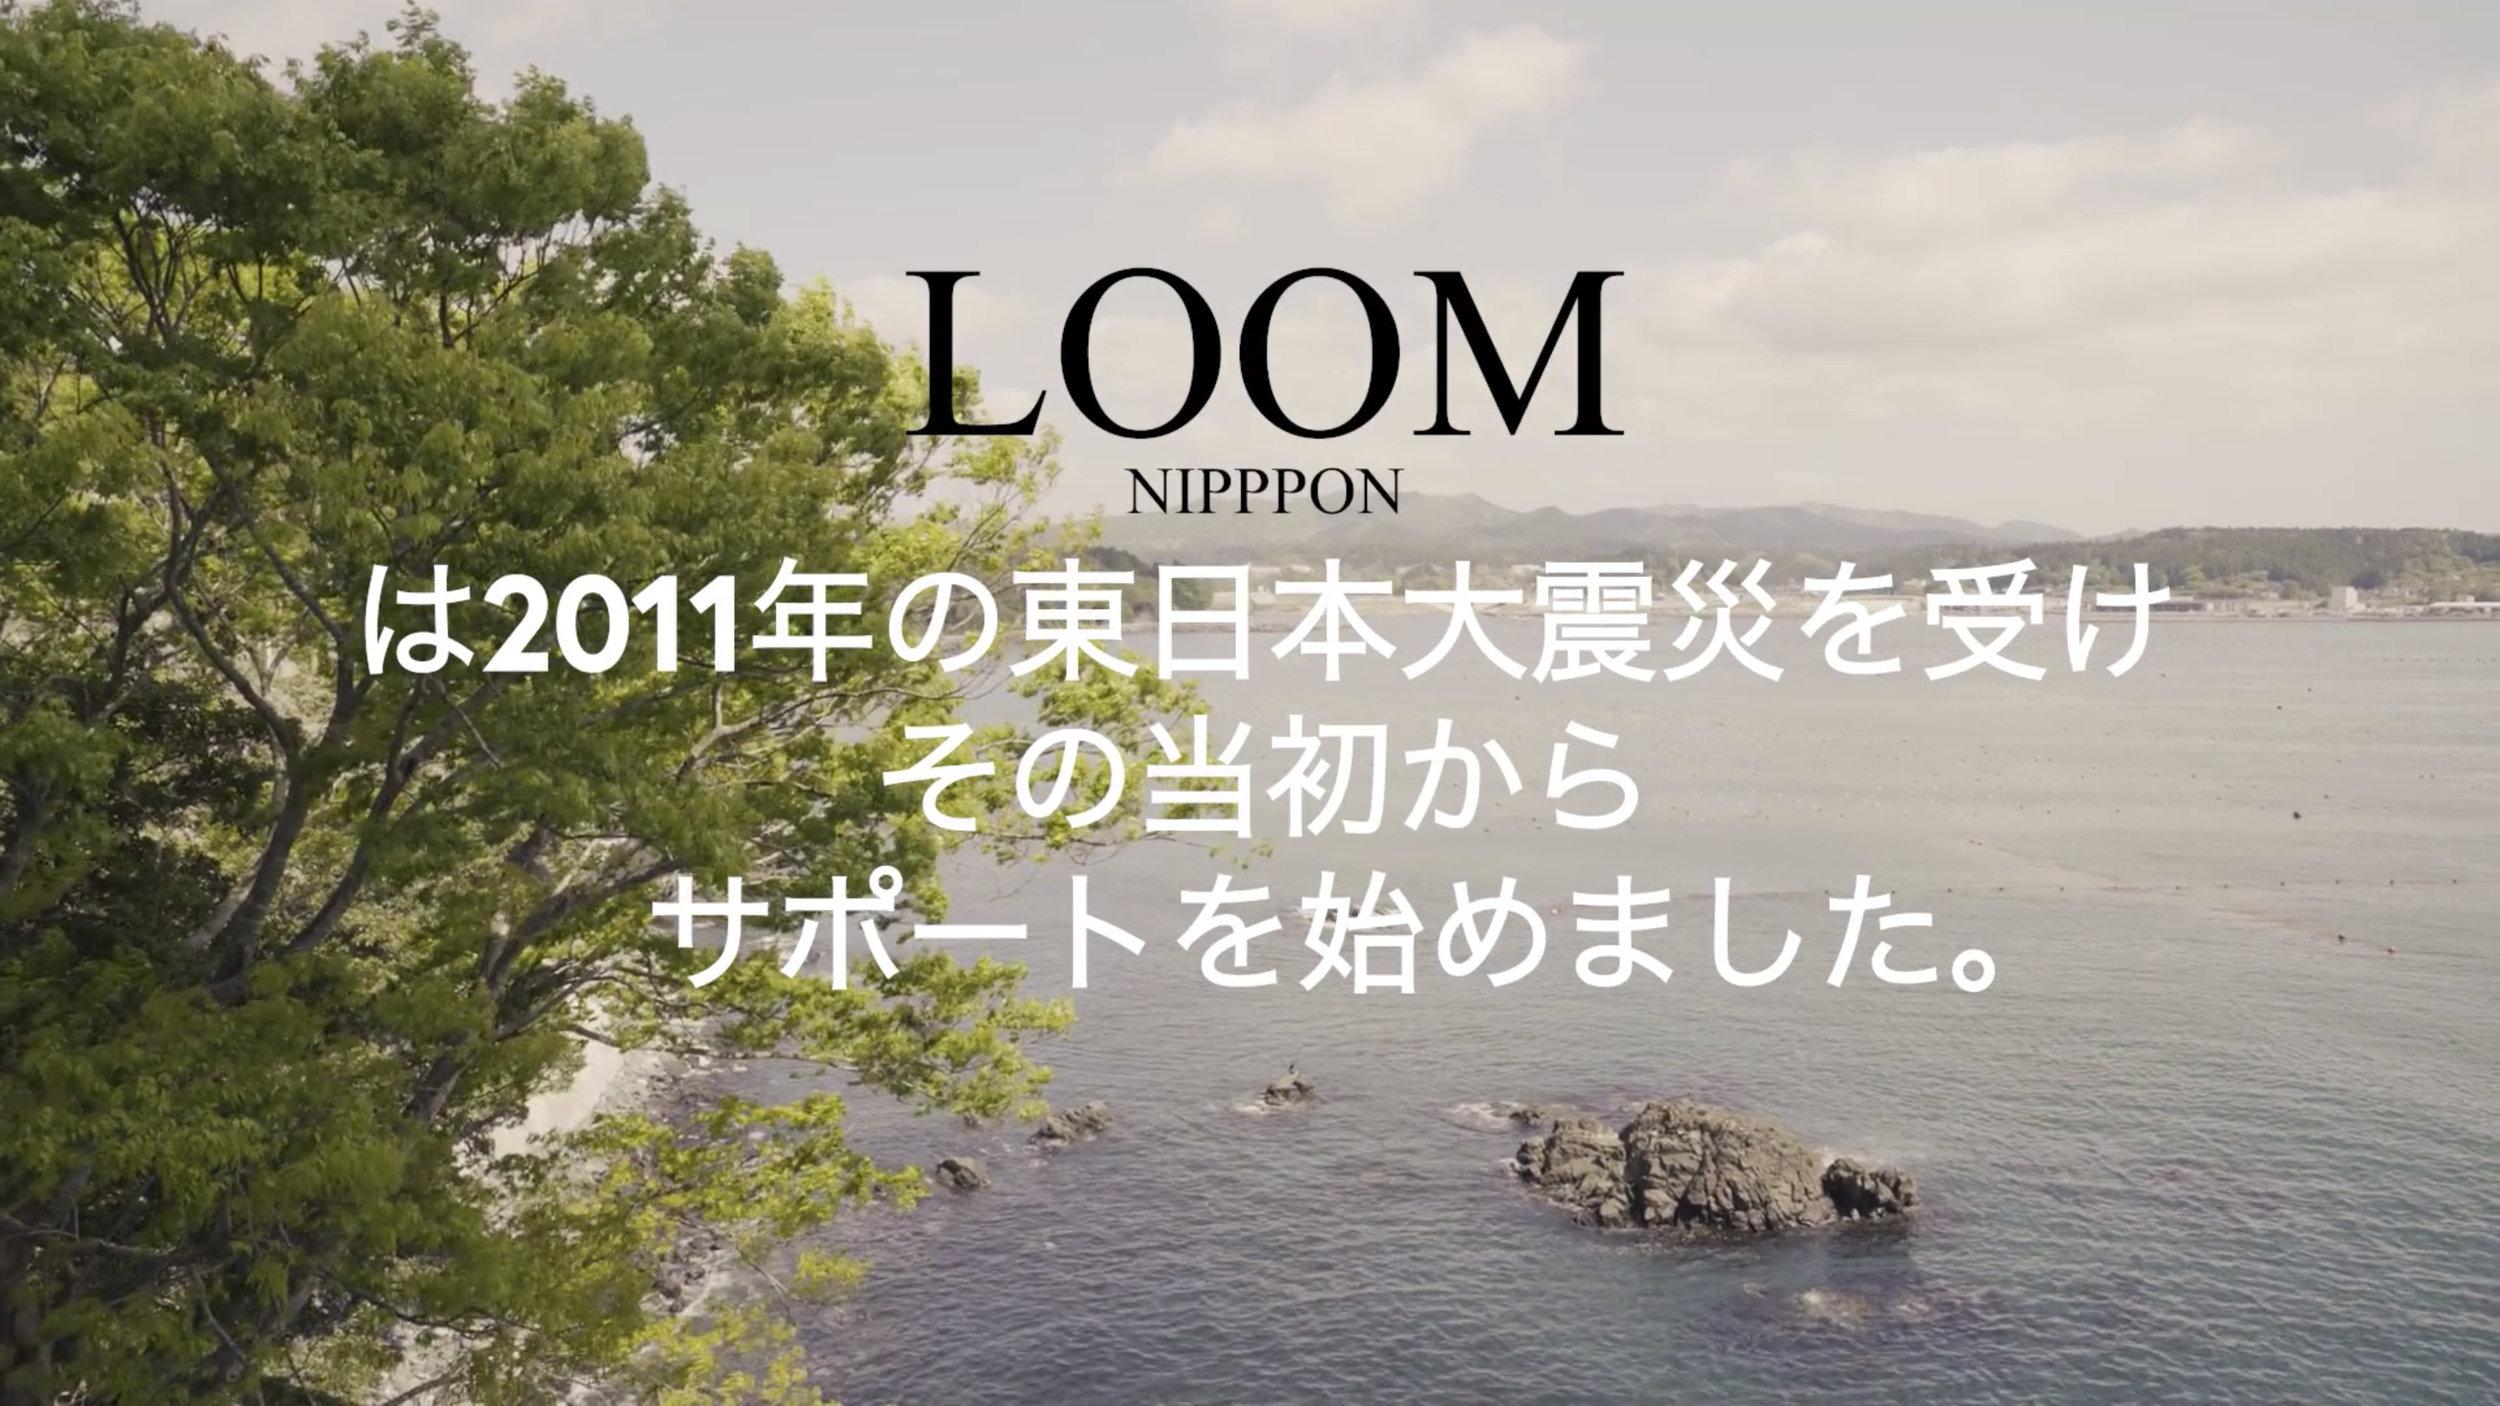 LOOM NIPPON